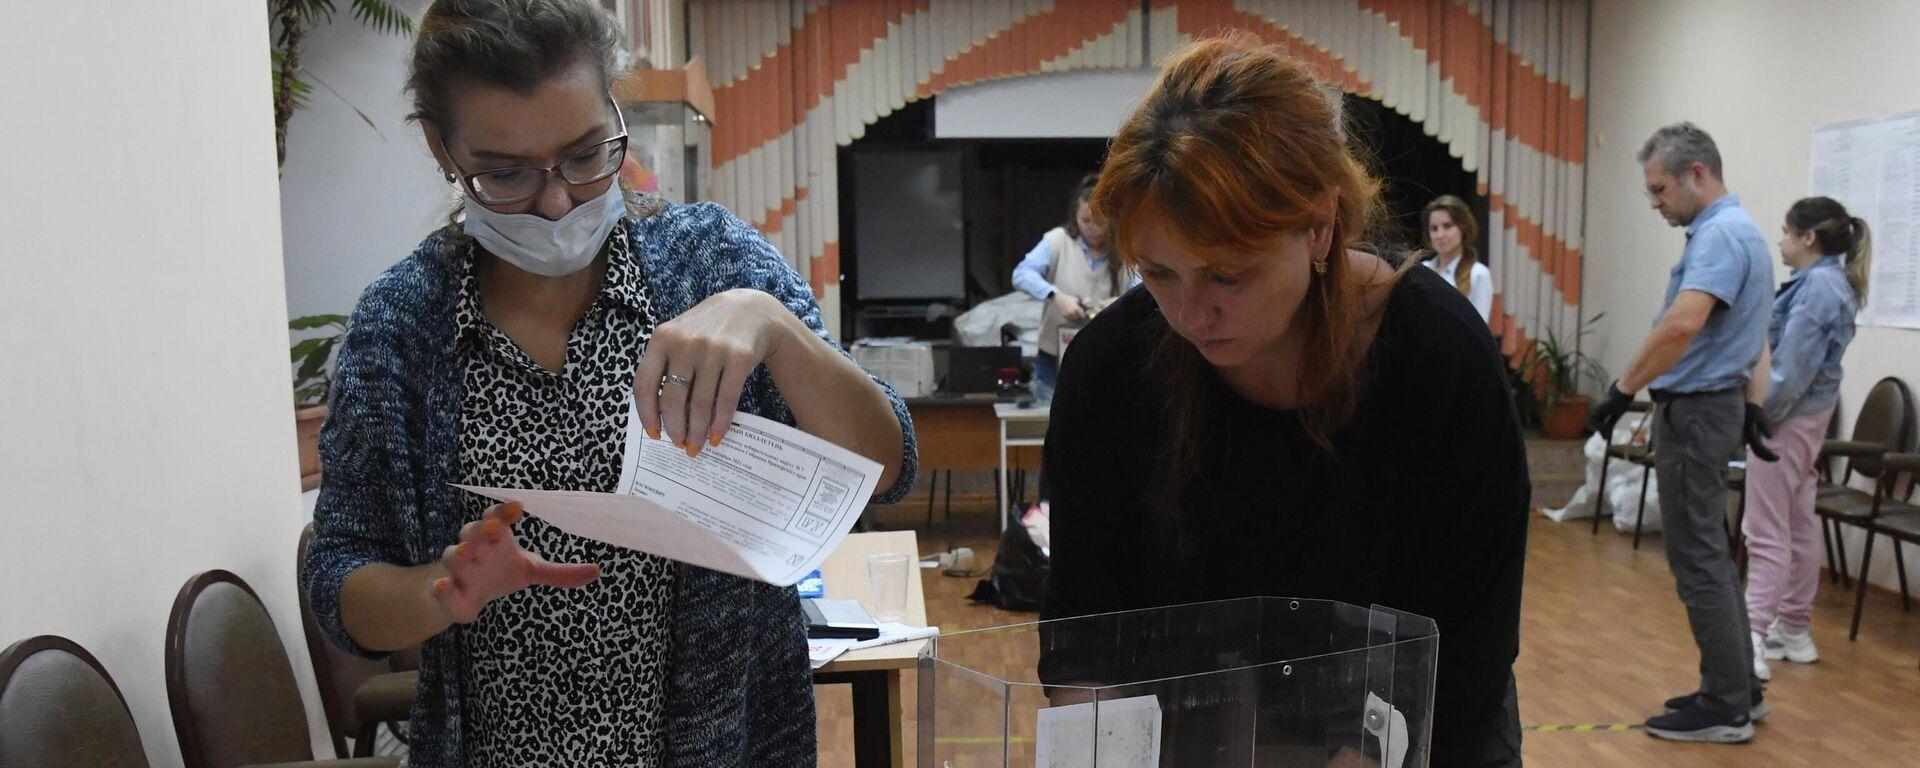 არჩევნები - Sputnik საქართველო, 1920, 19.09.2021